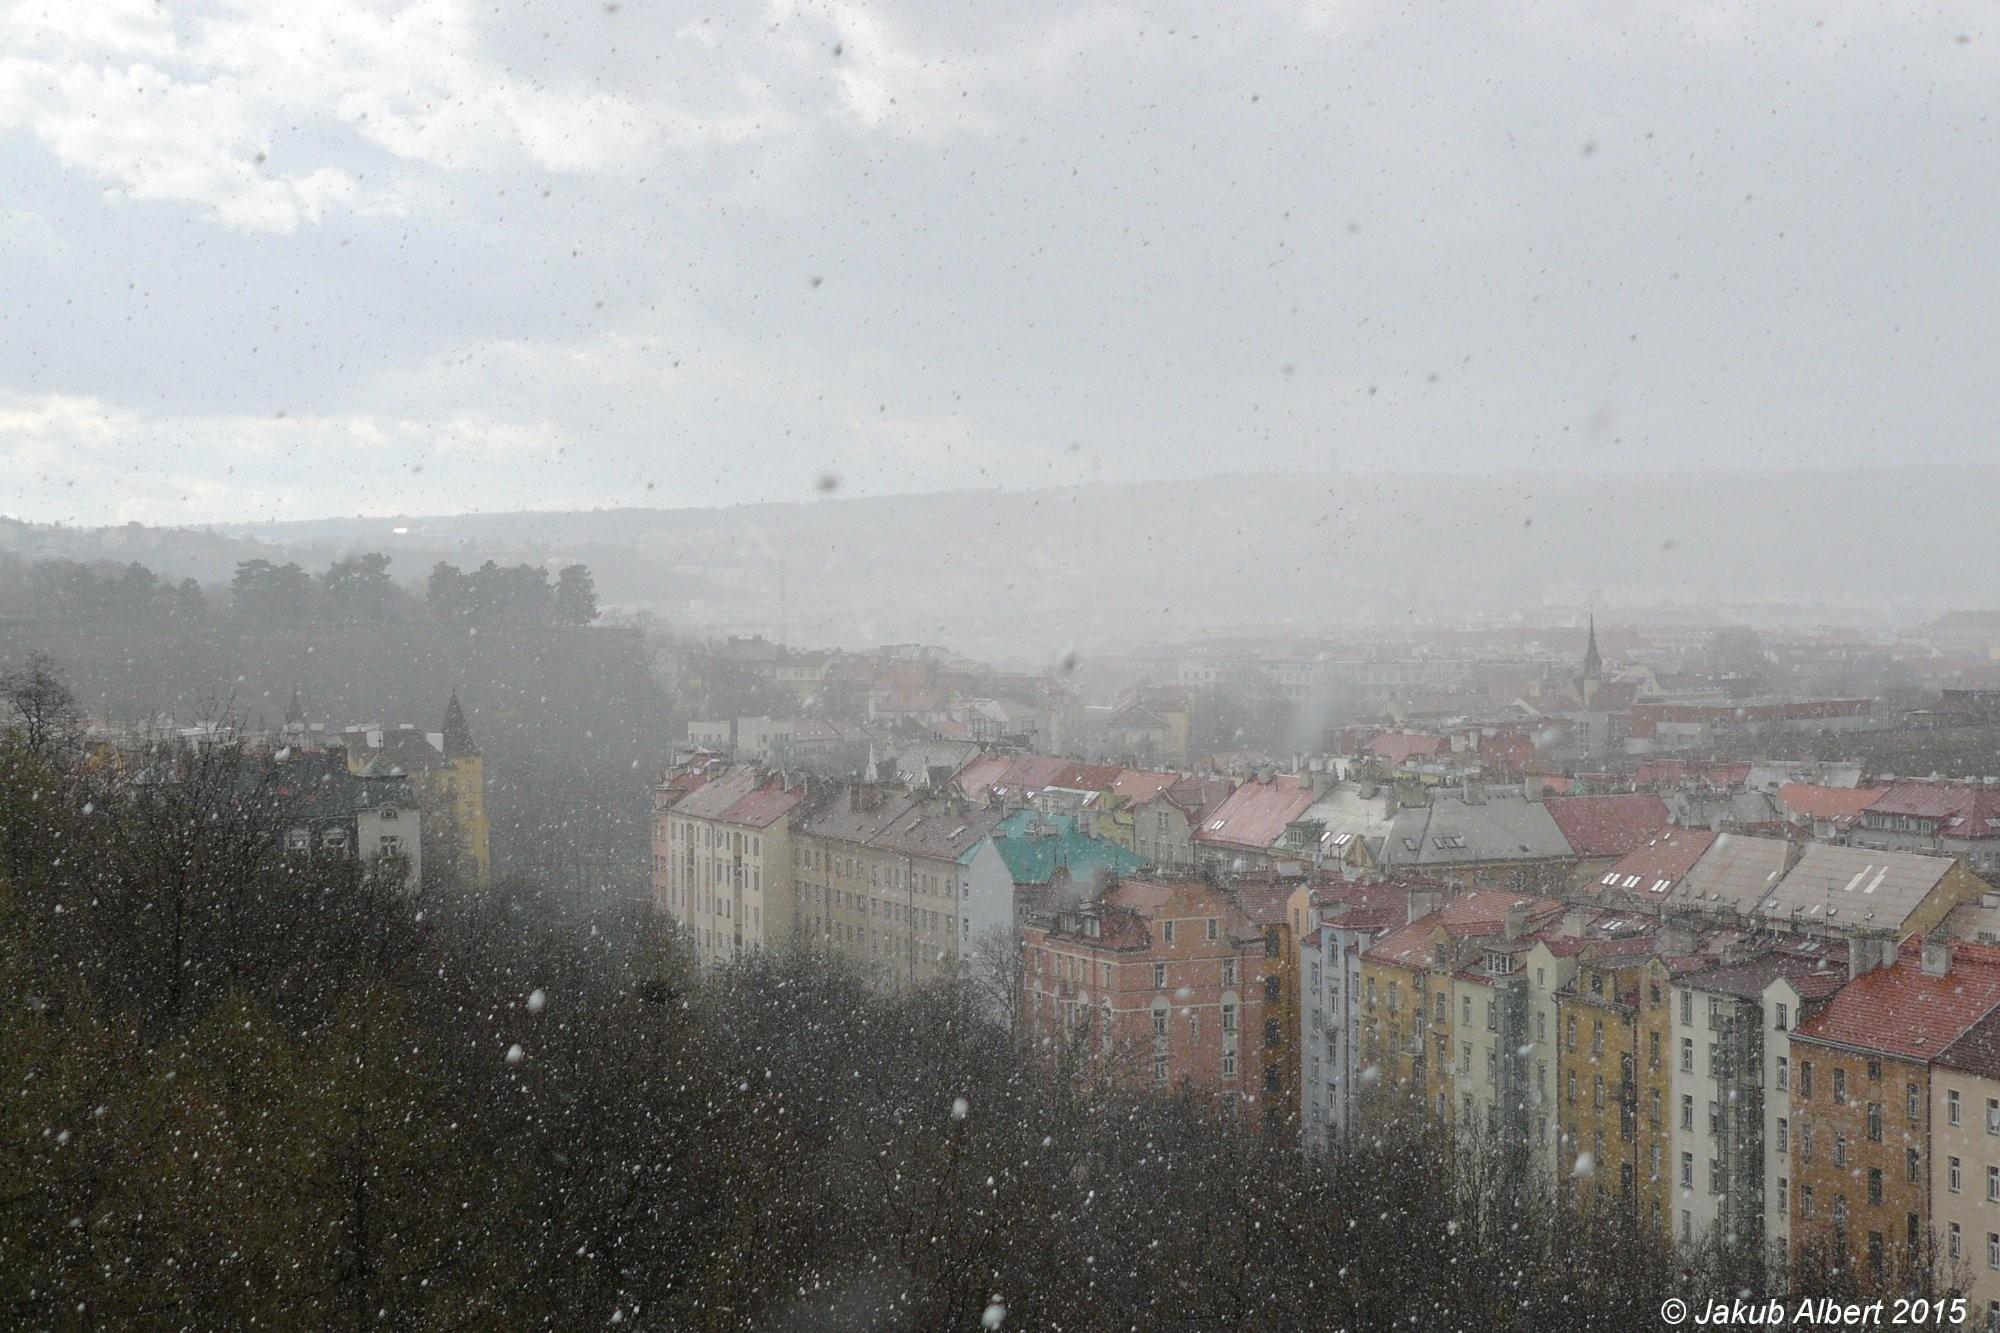 Sněhová přeháňka nad Prahou